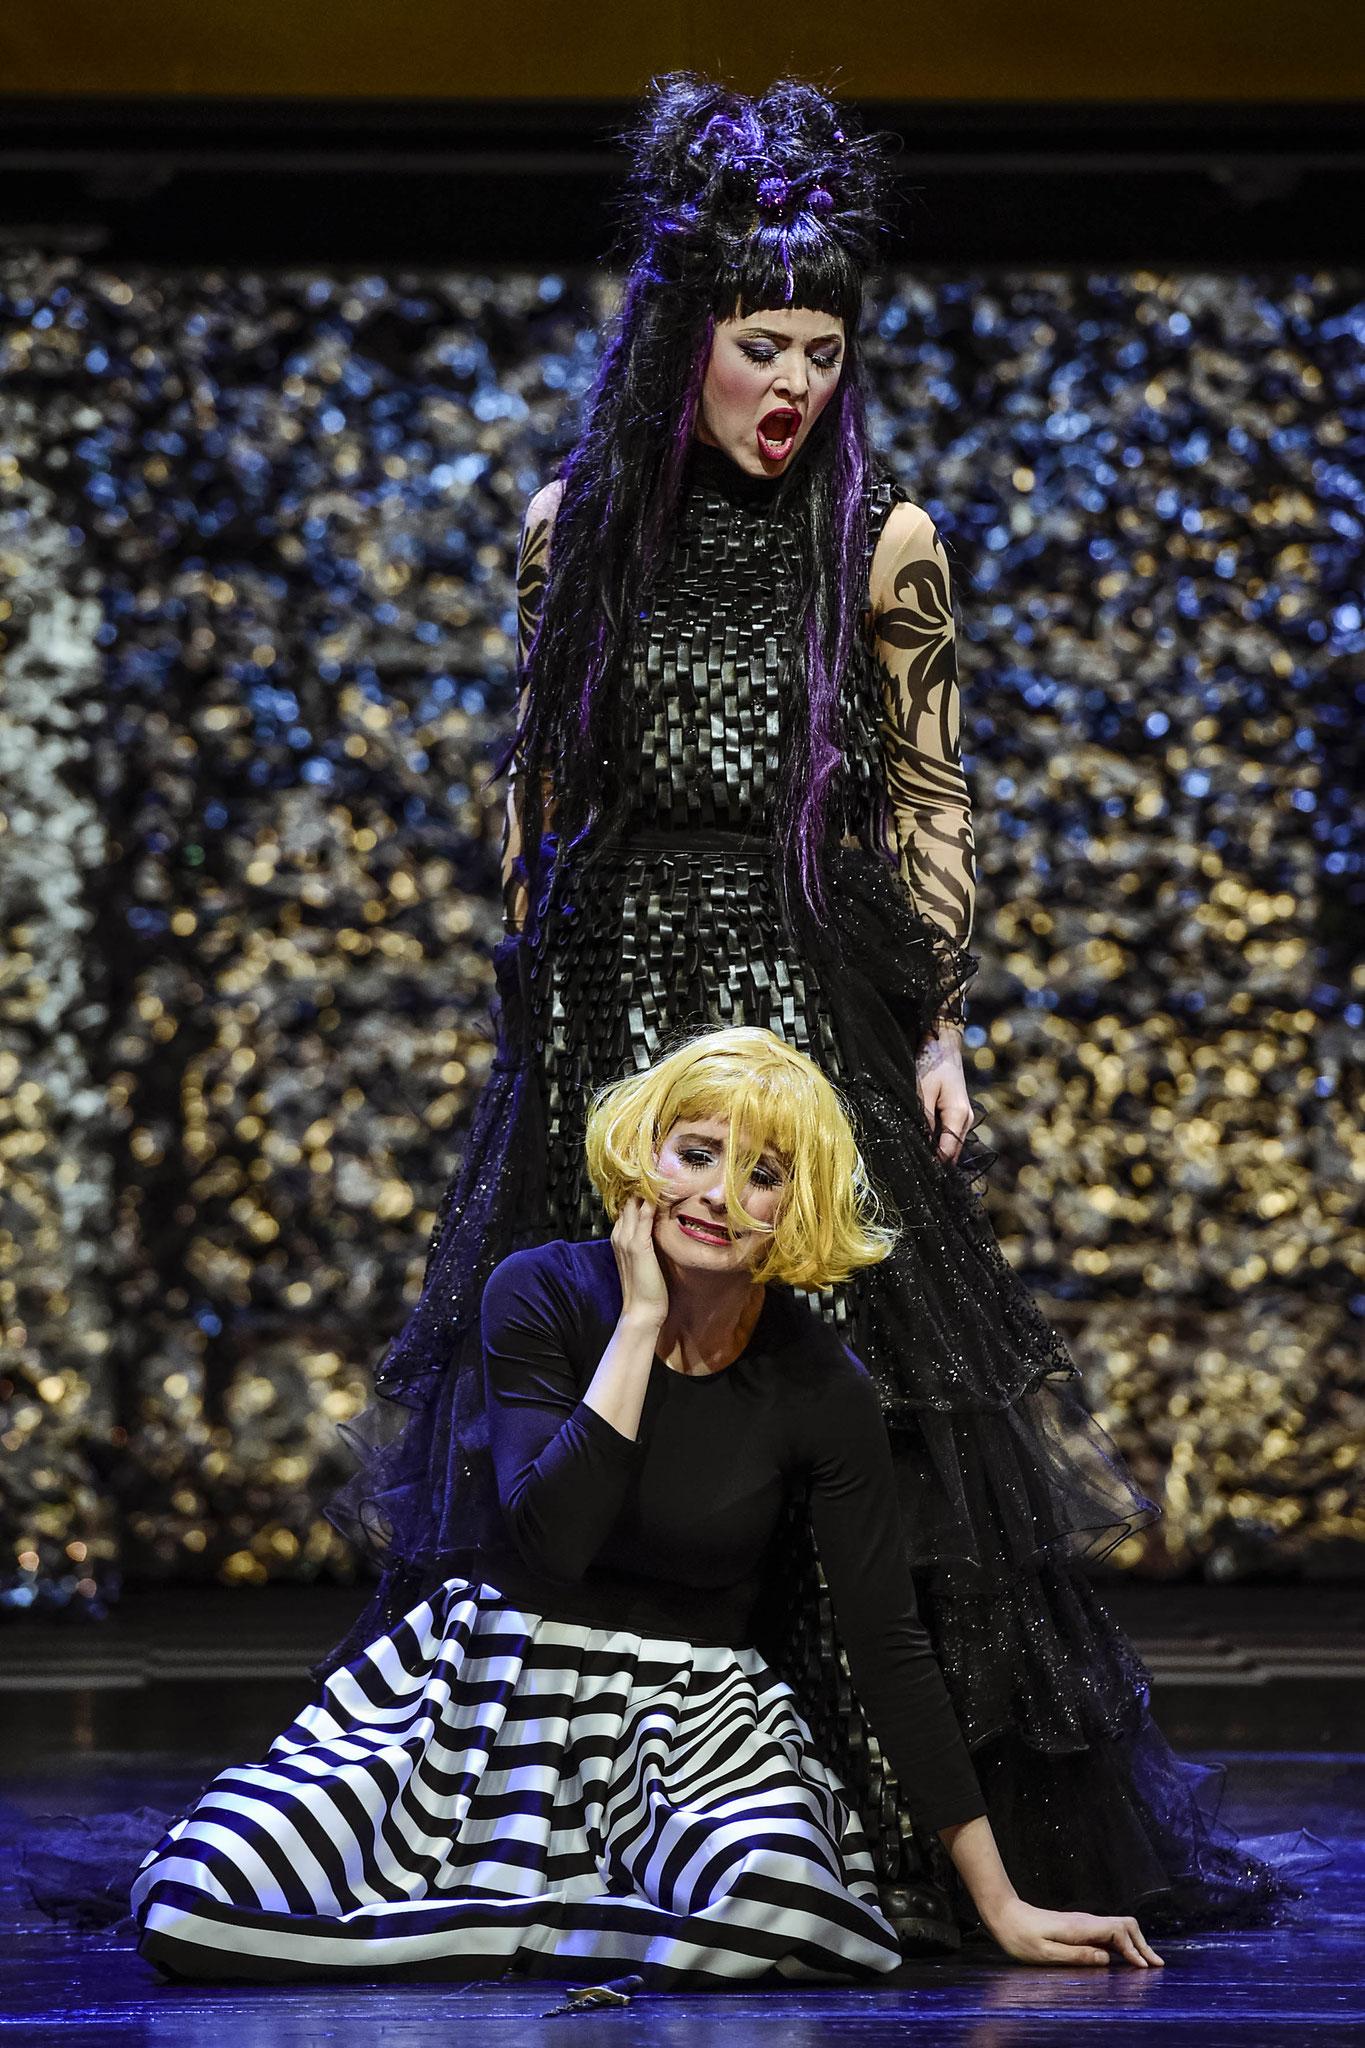 Pamina - Die Zauberflöte - 2018/19 Die Theater Chemnitz - Kostüm: Alexa Riedl, Maske: Nadine Wagner